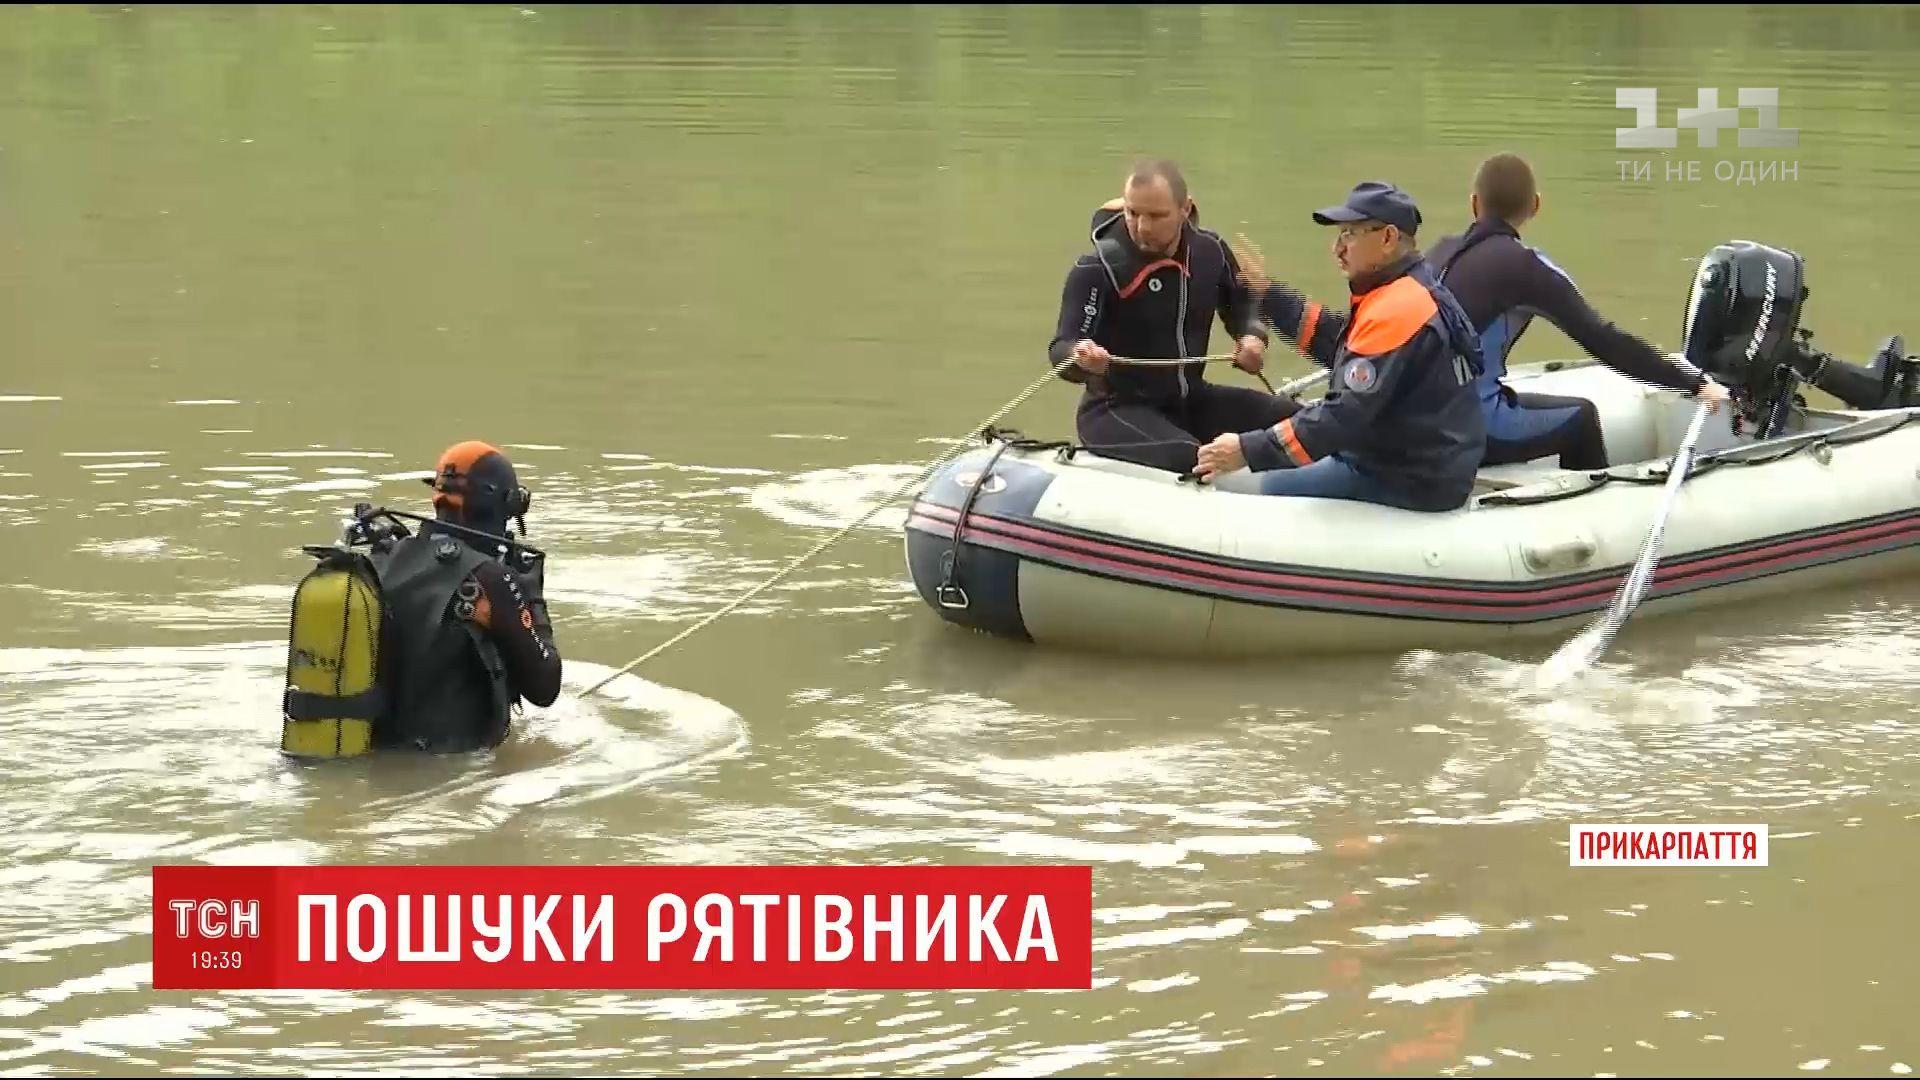 Франківець, який вчора загинув у Дністрі, врятував двох своїх дітей та одну дитину друзів